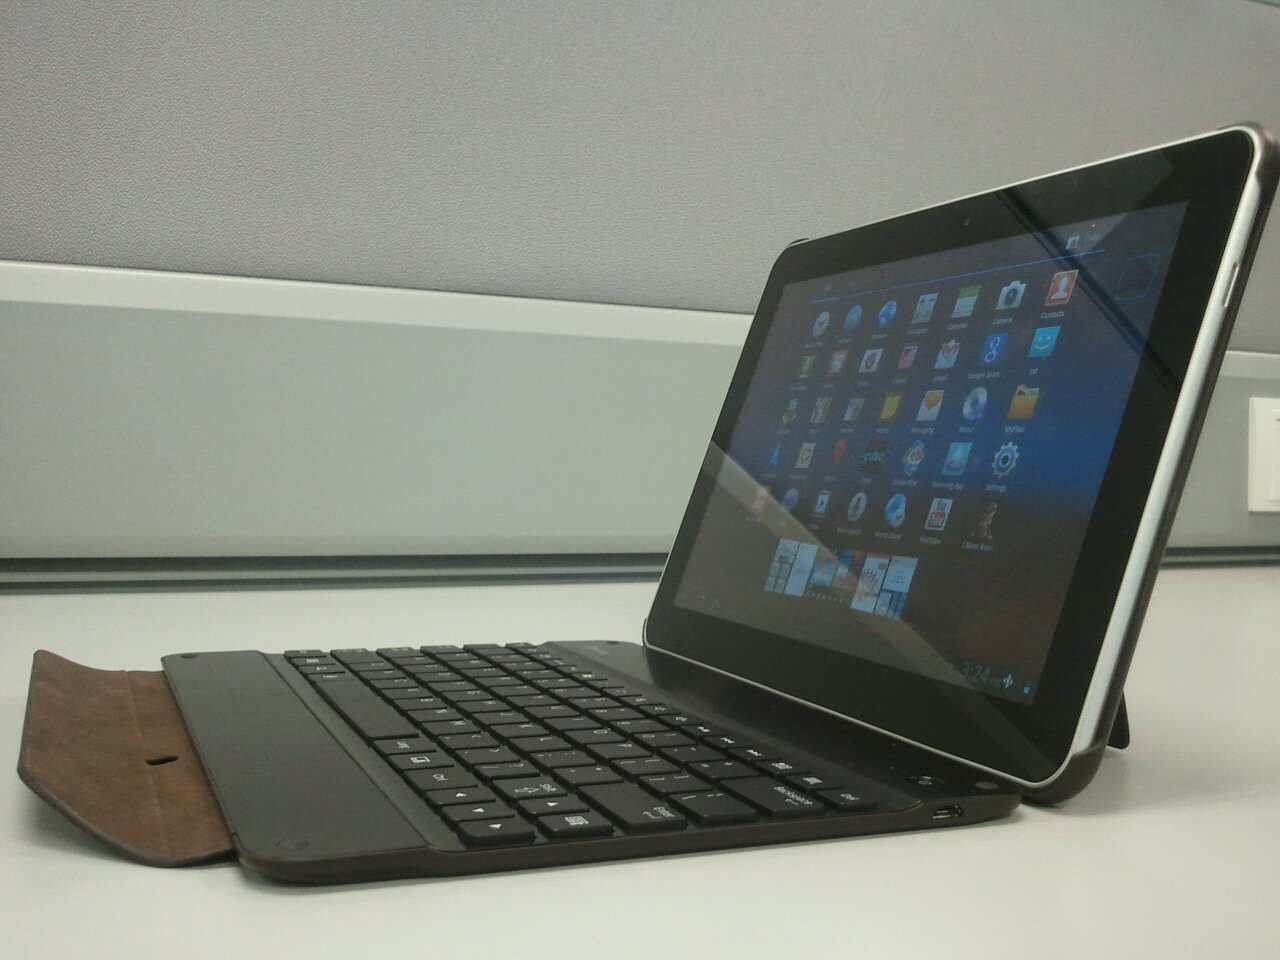 http://4.bp.blogspot.com/-4bAW6_hd-78/TiUByJab2bI/AAAAAAAAABY/66vFJHAF94M/s1600/110718-Samsung-Galaxy-Tab-10-1-big1.jpg